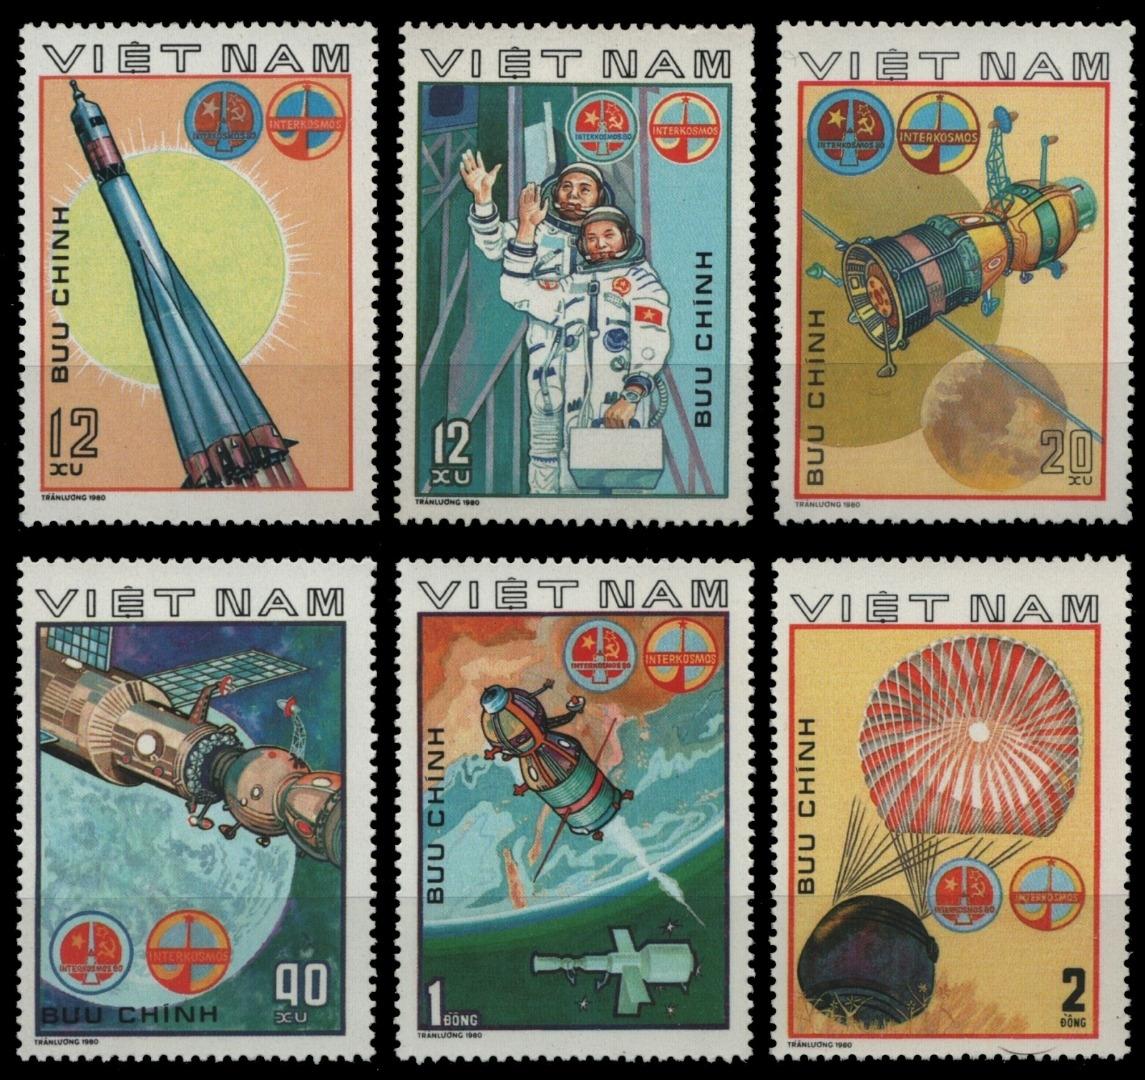 Objectif Vietnam 1980-mi-nº 1104-1109 (*) - Sans élastique Occasionnée-aéronautique/space-afficher Le Titre D'origine TrèS Poli